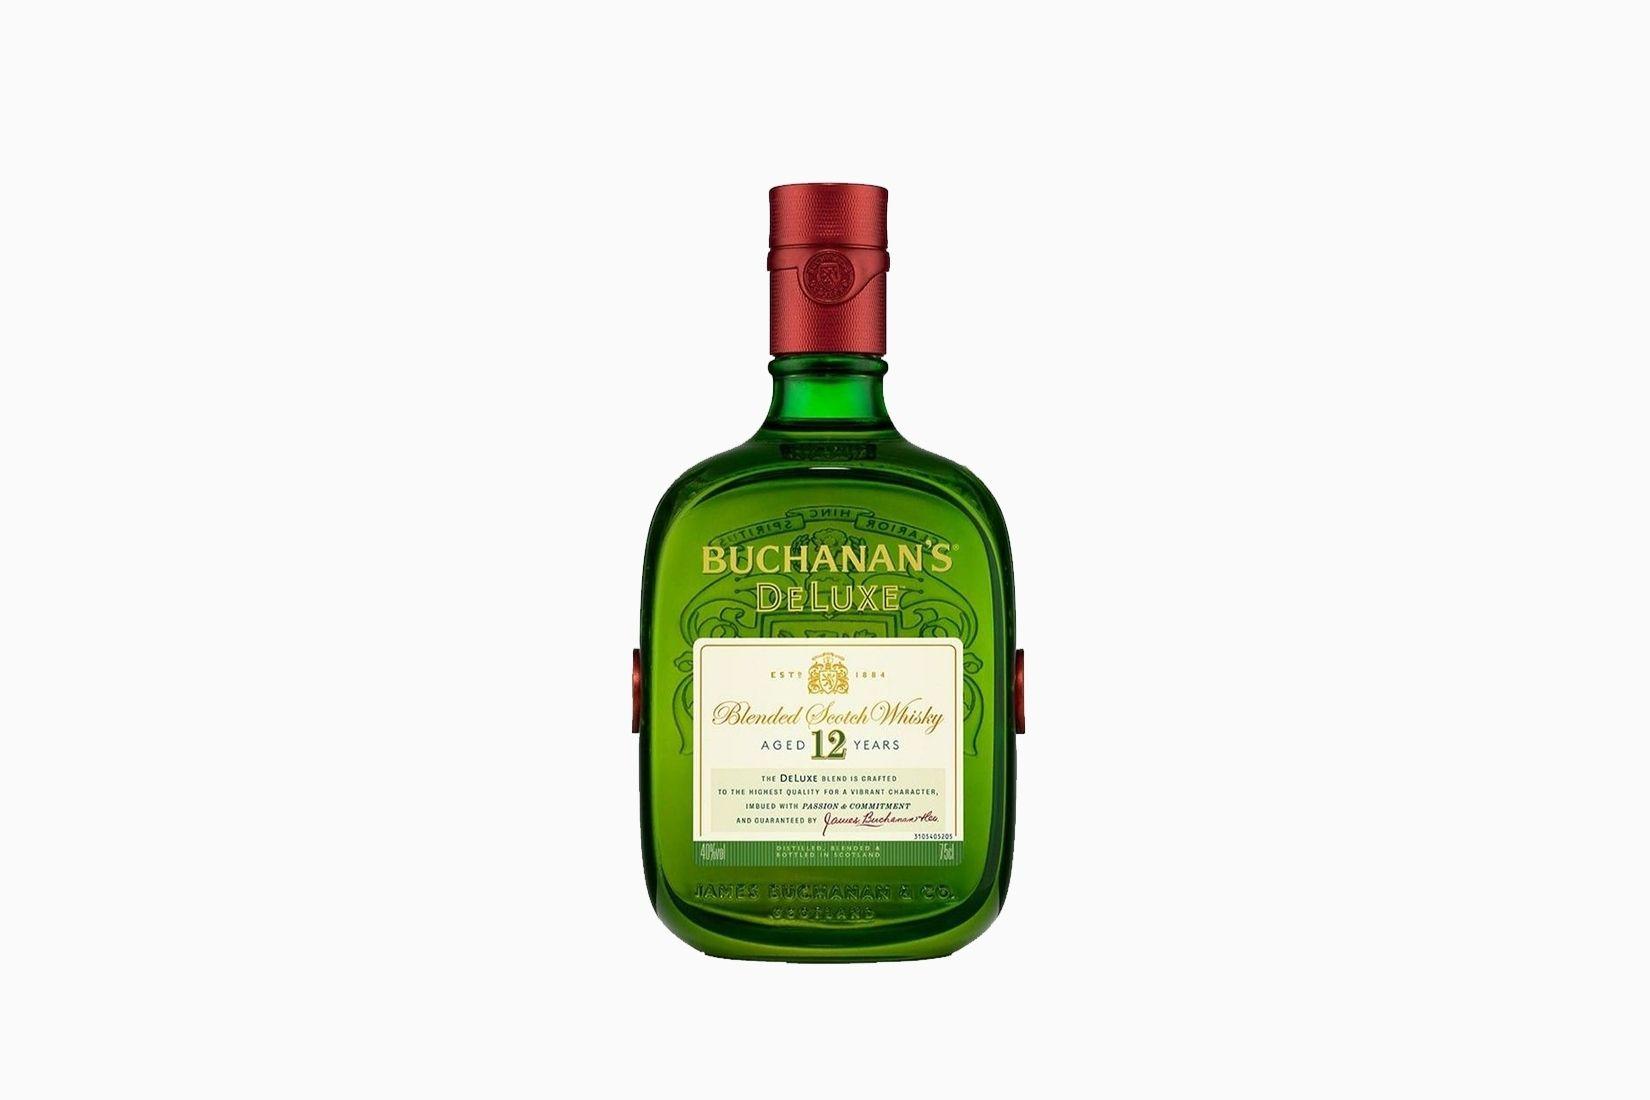 Revisión de precios de Buchanans Deluxe - Luxe Digital